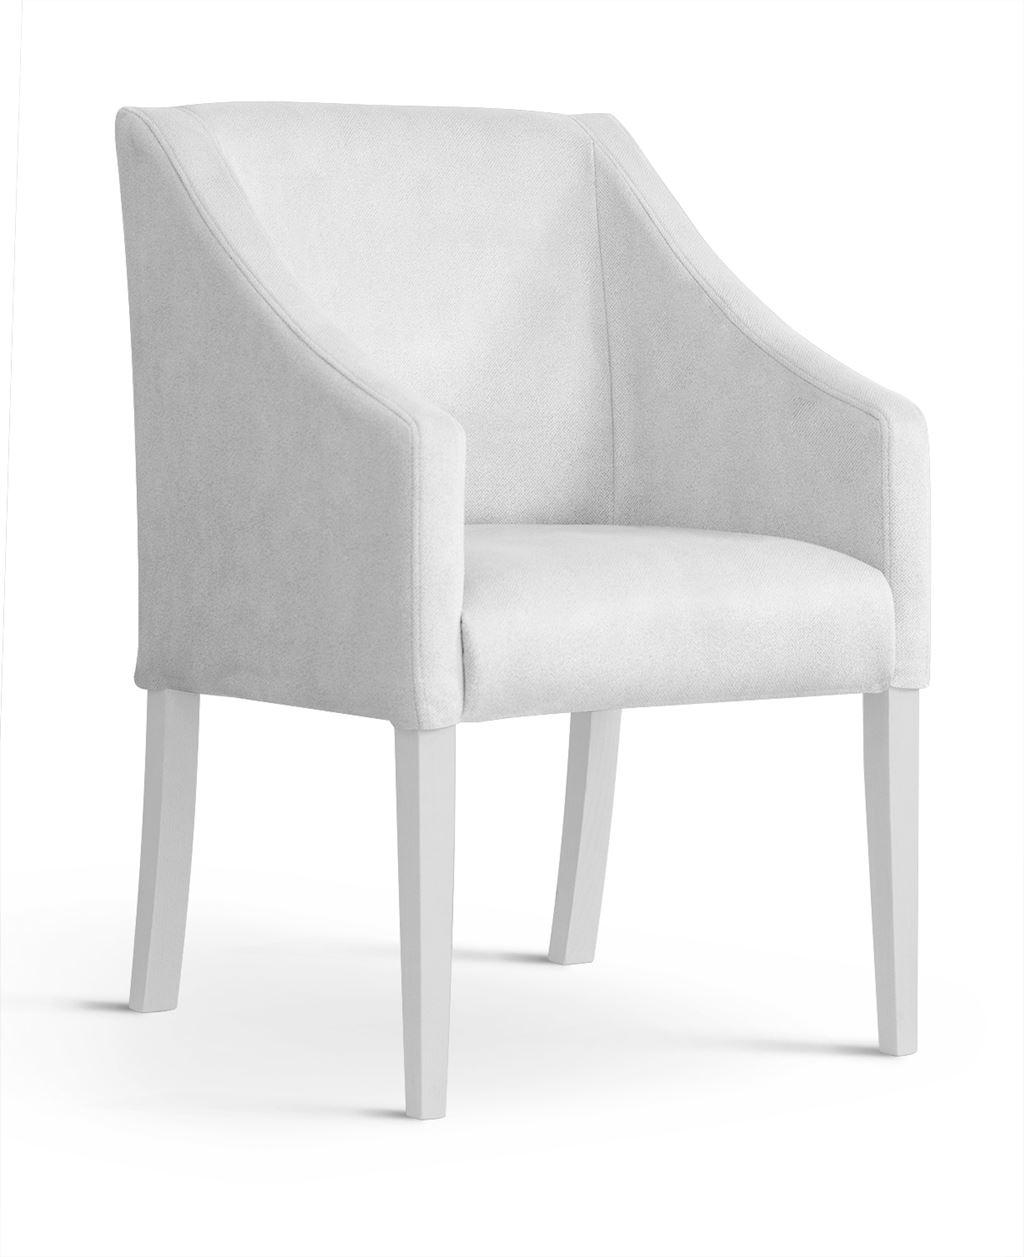 Fotoliu fix tapitat cu stofa, cu picioare din lemn Capri Silver / White, l58xA60xH89 cm